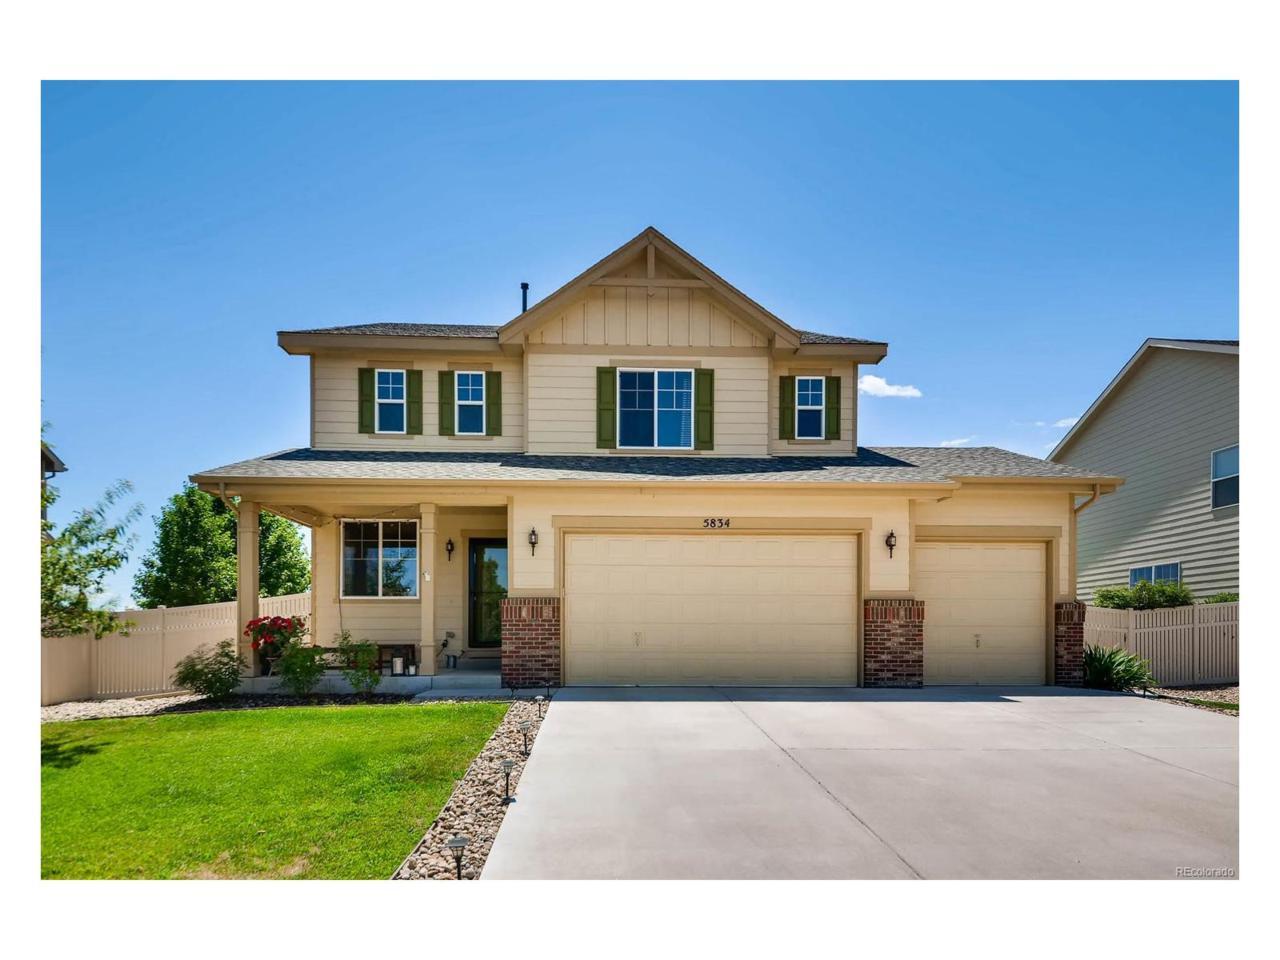 5834 Twilight Avenue, Firestone, CO 80504 (MLS #6950183) :: 8z Real Estate